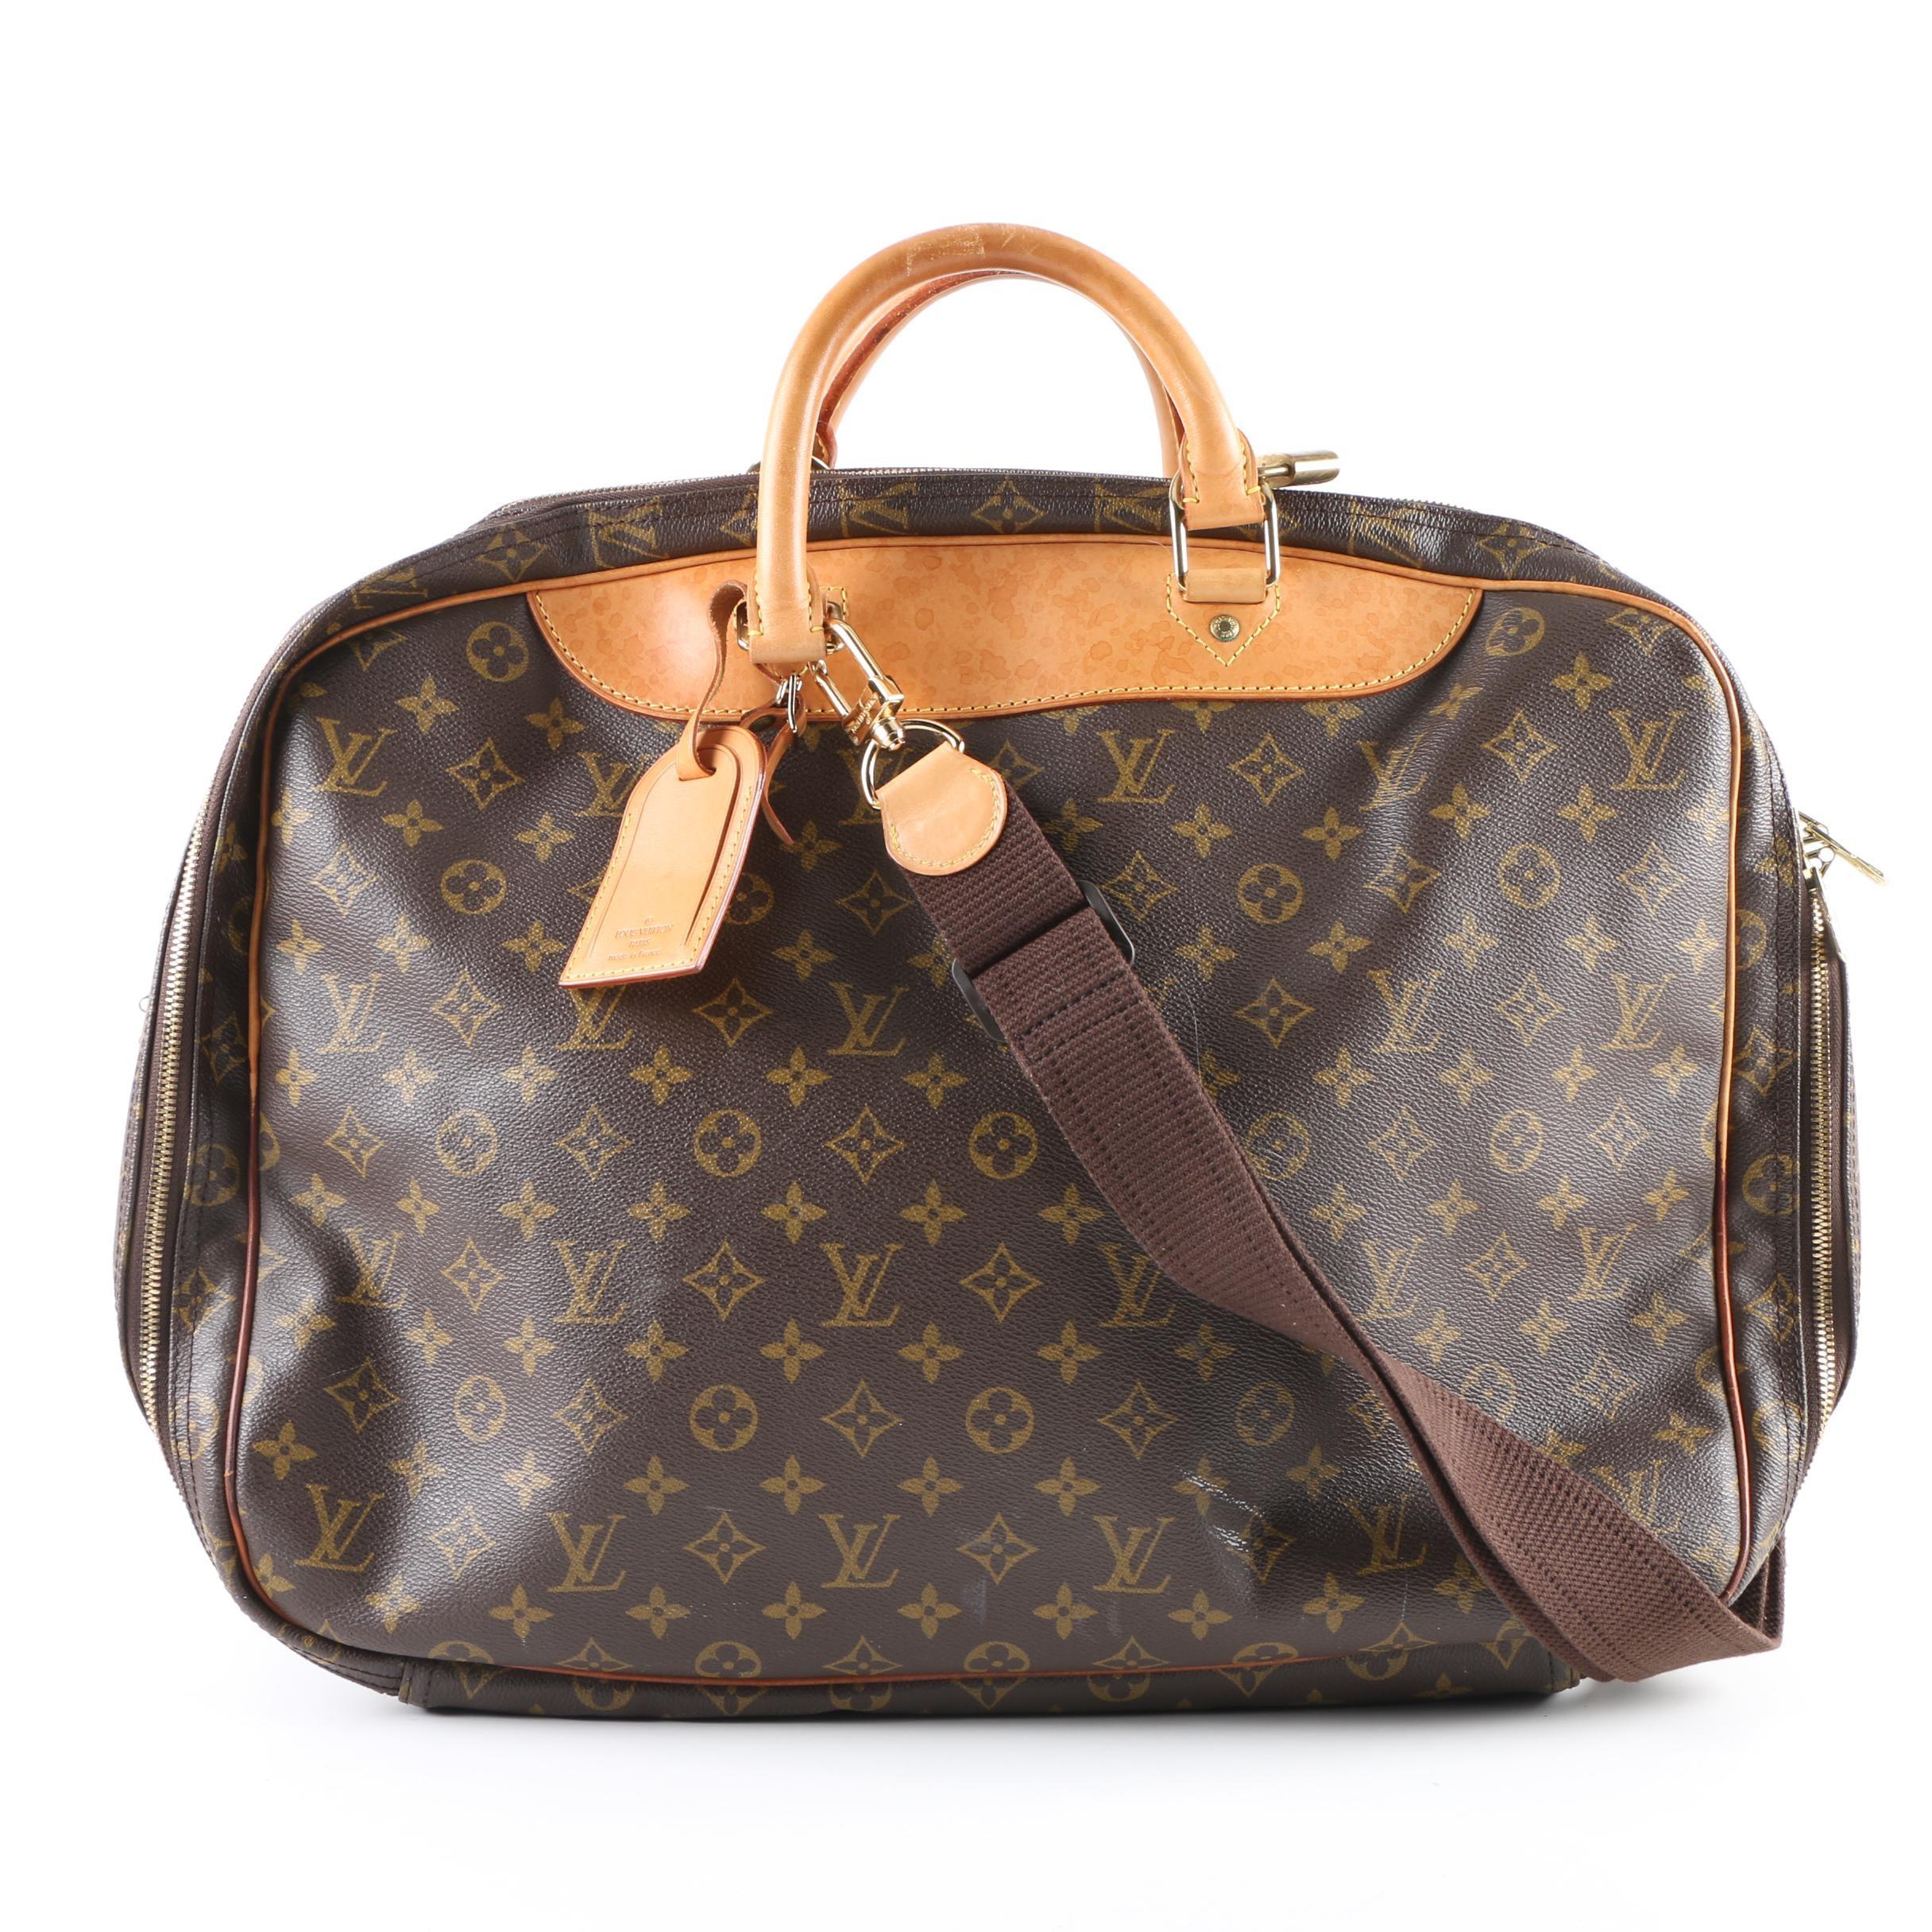 1996 Louis Vuitton of Paris Monogram Coated Canvas Weekender Bag